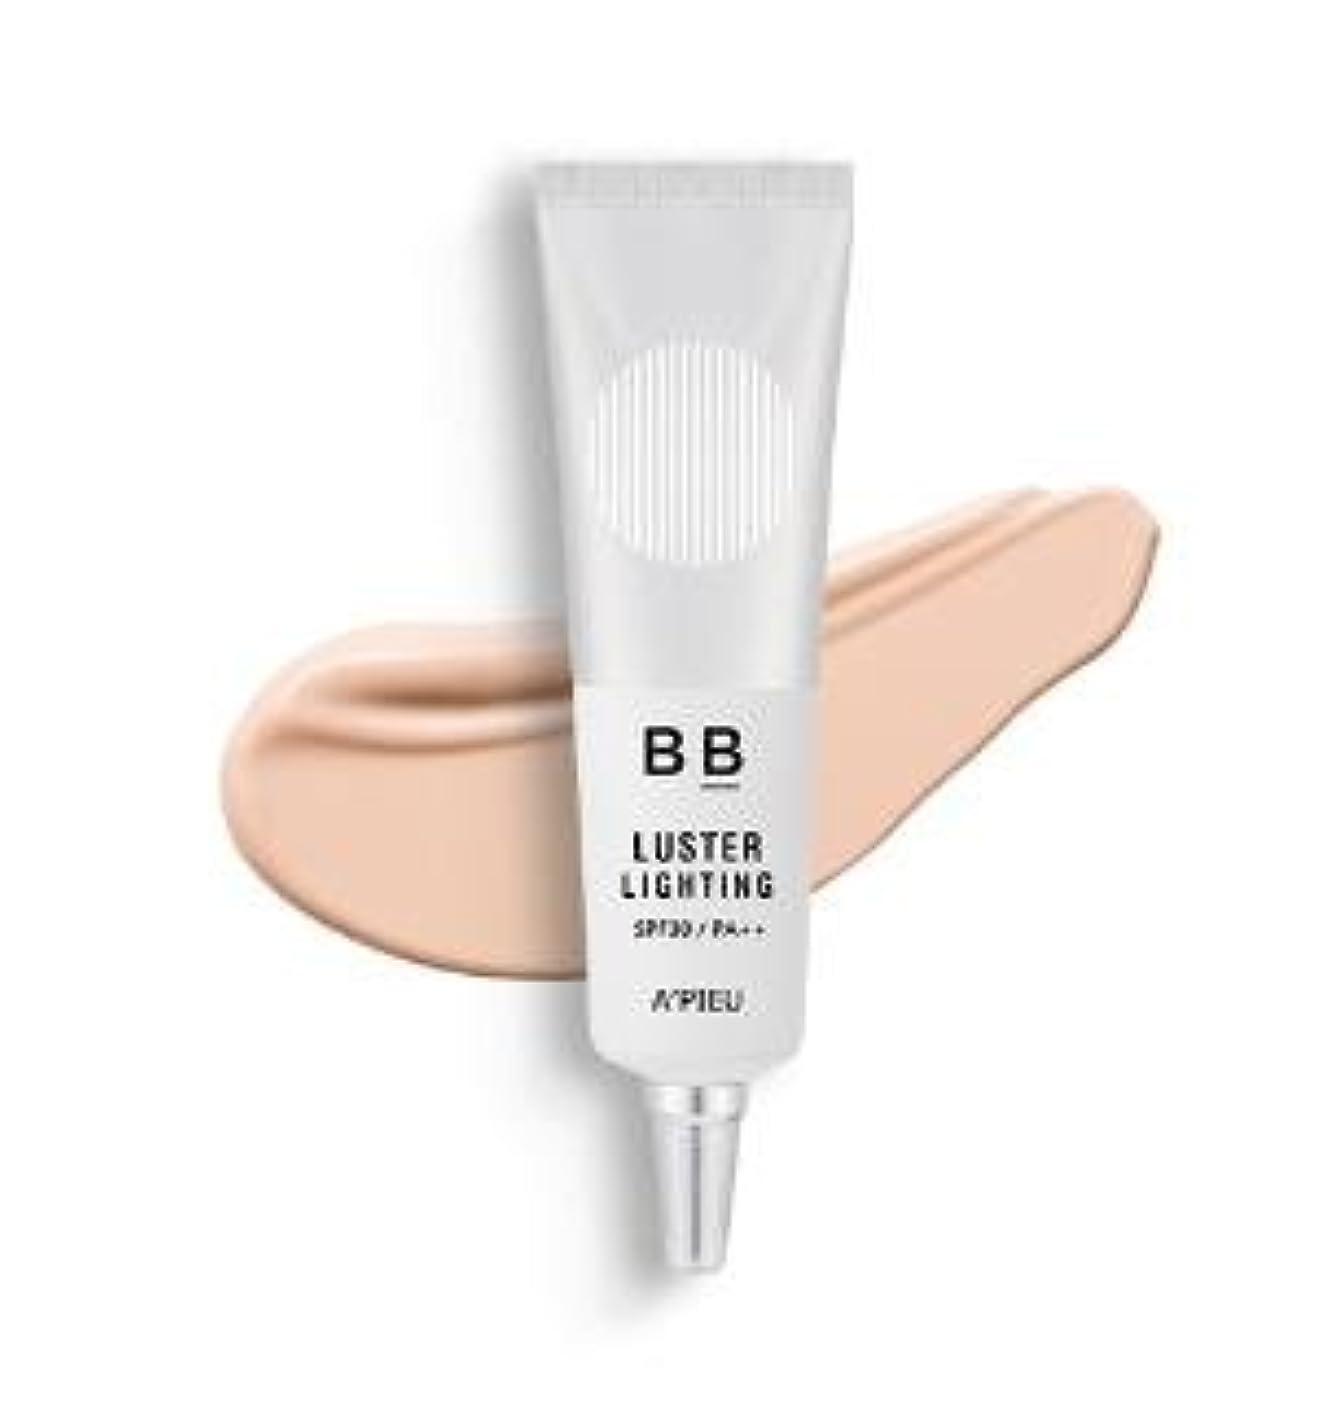 ヘッジ語クラウンAPIEU Luster Lighting BB Cream No. 21 アピュ 潤光 BB クリーム20g [並行輸入品]